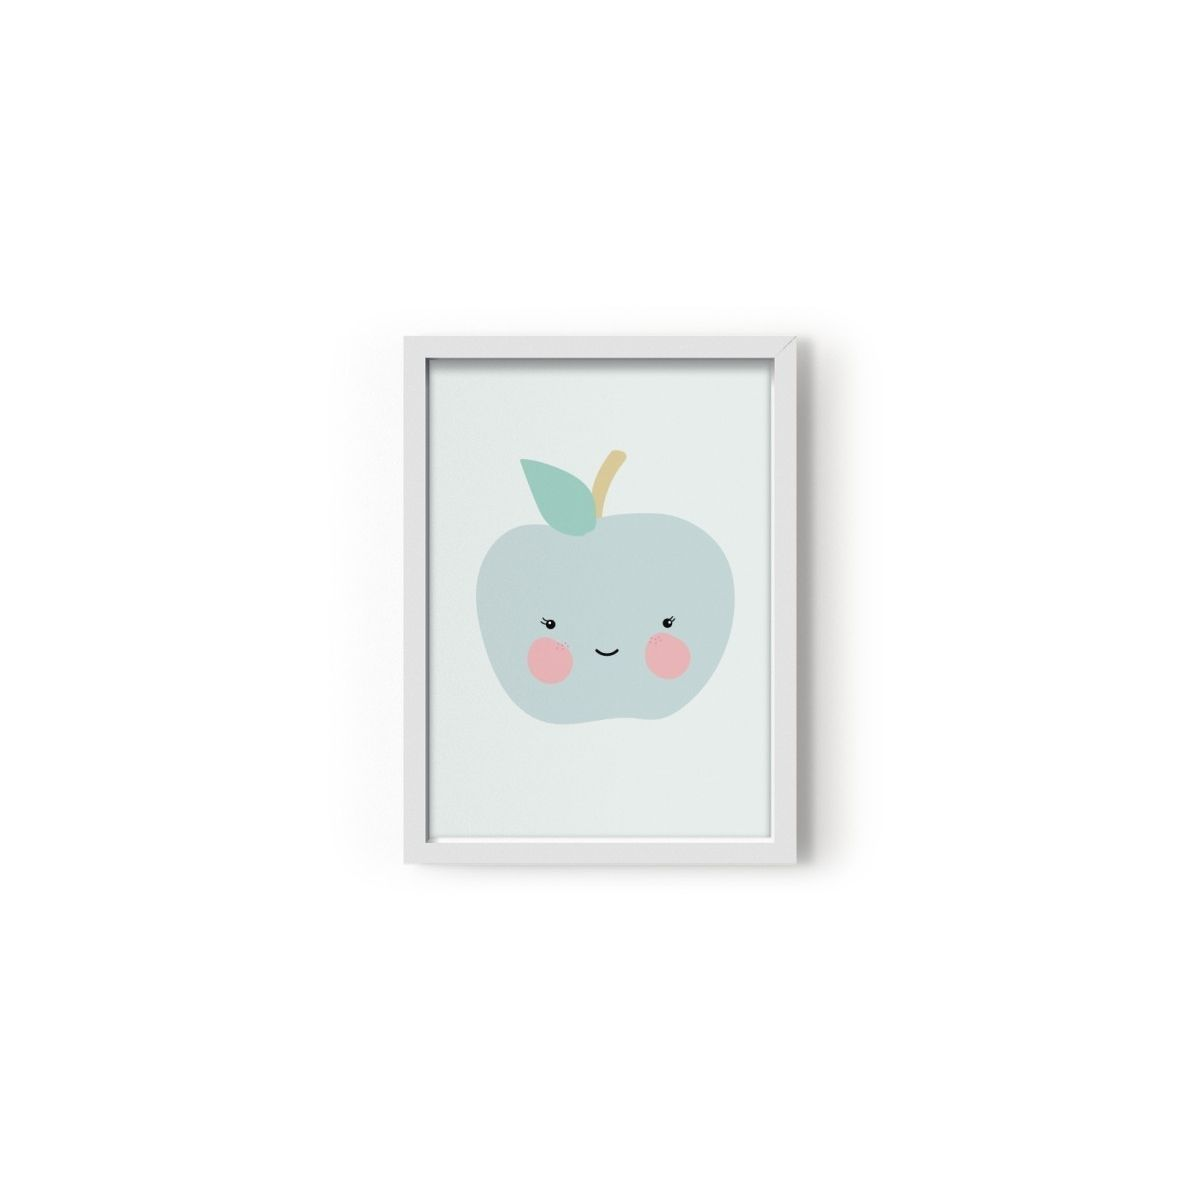 Plakat Poster Apple - Eef Lillemor